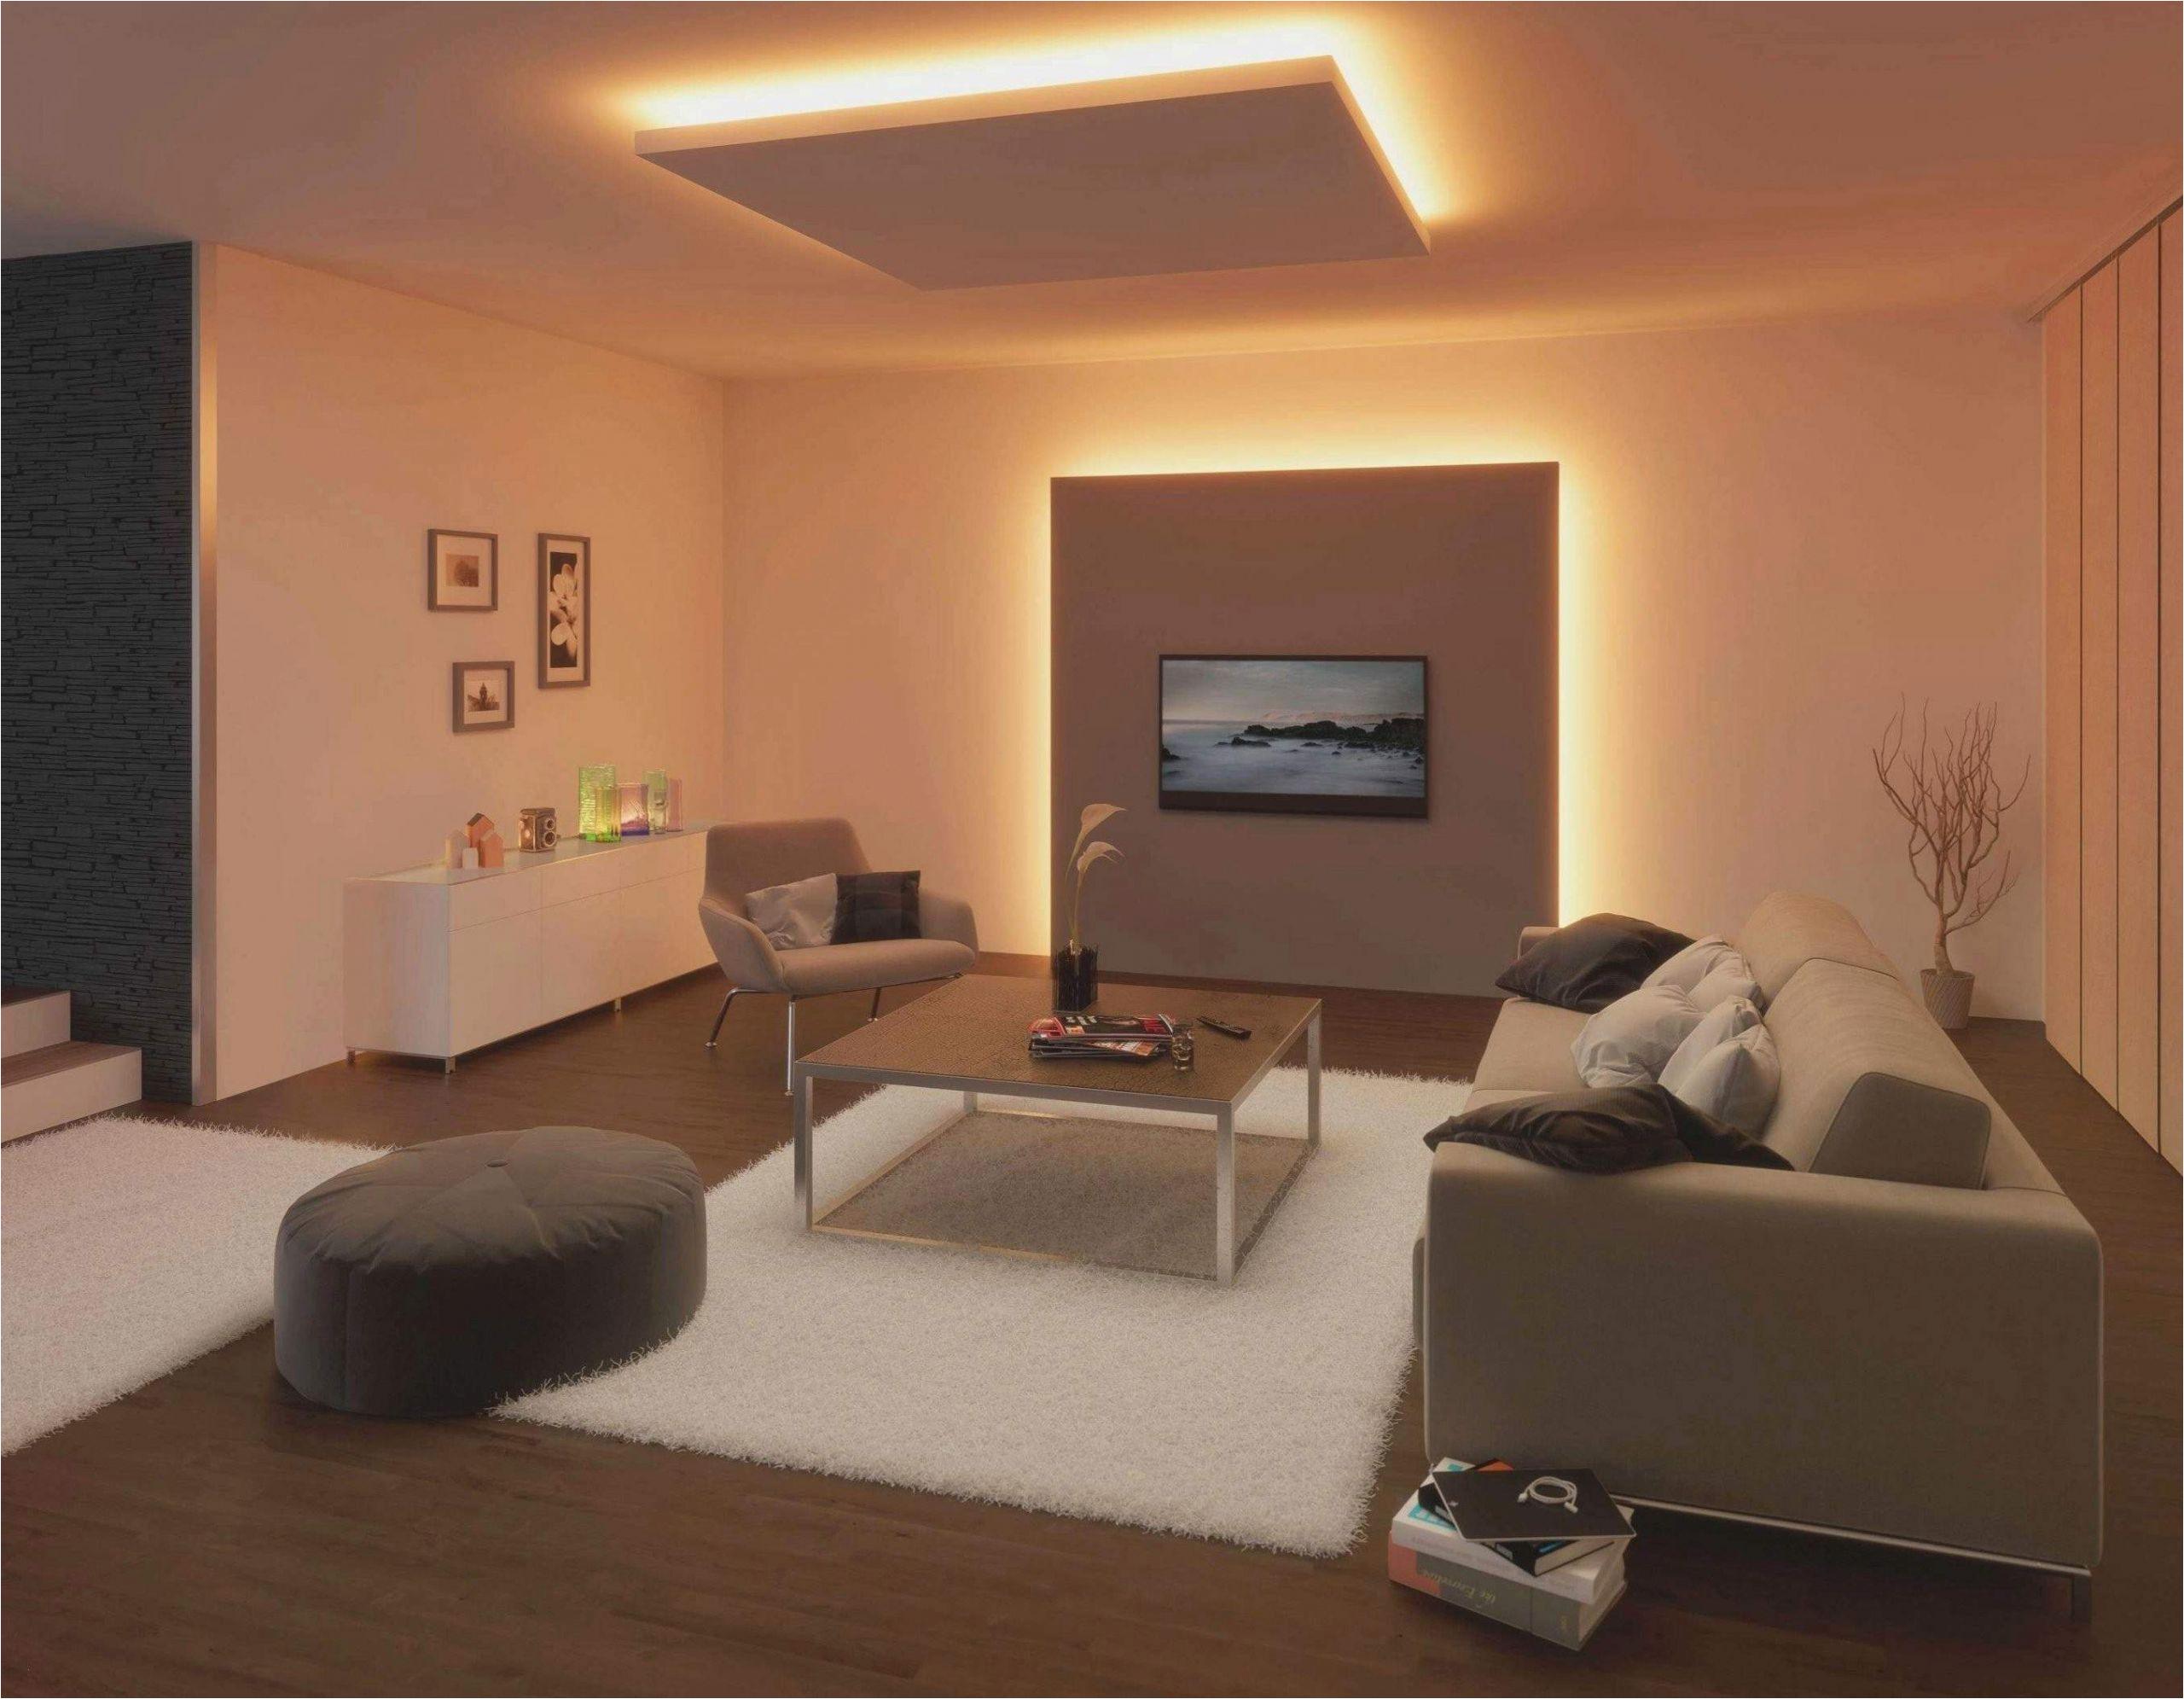 lampen wohnzimmer design luxus ikea lampen wohnzimmer design besten ideen ses jahr of lampen wohnzimmer design scaled